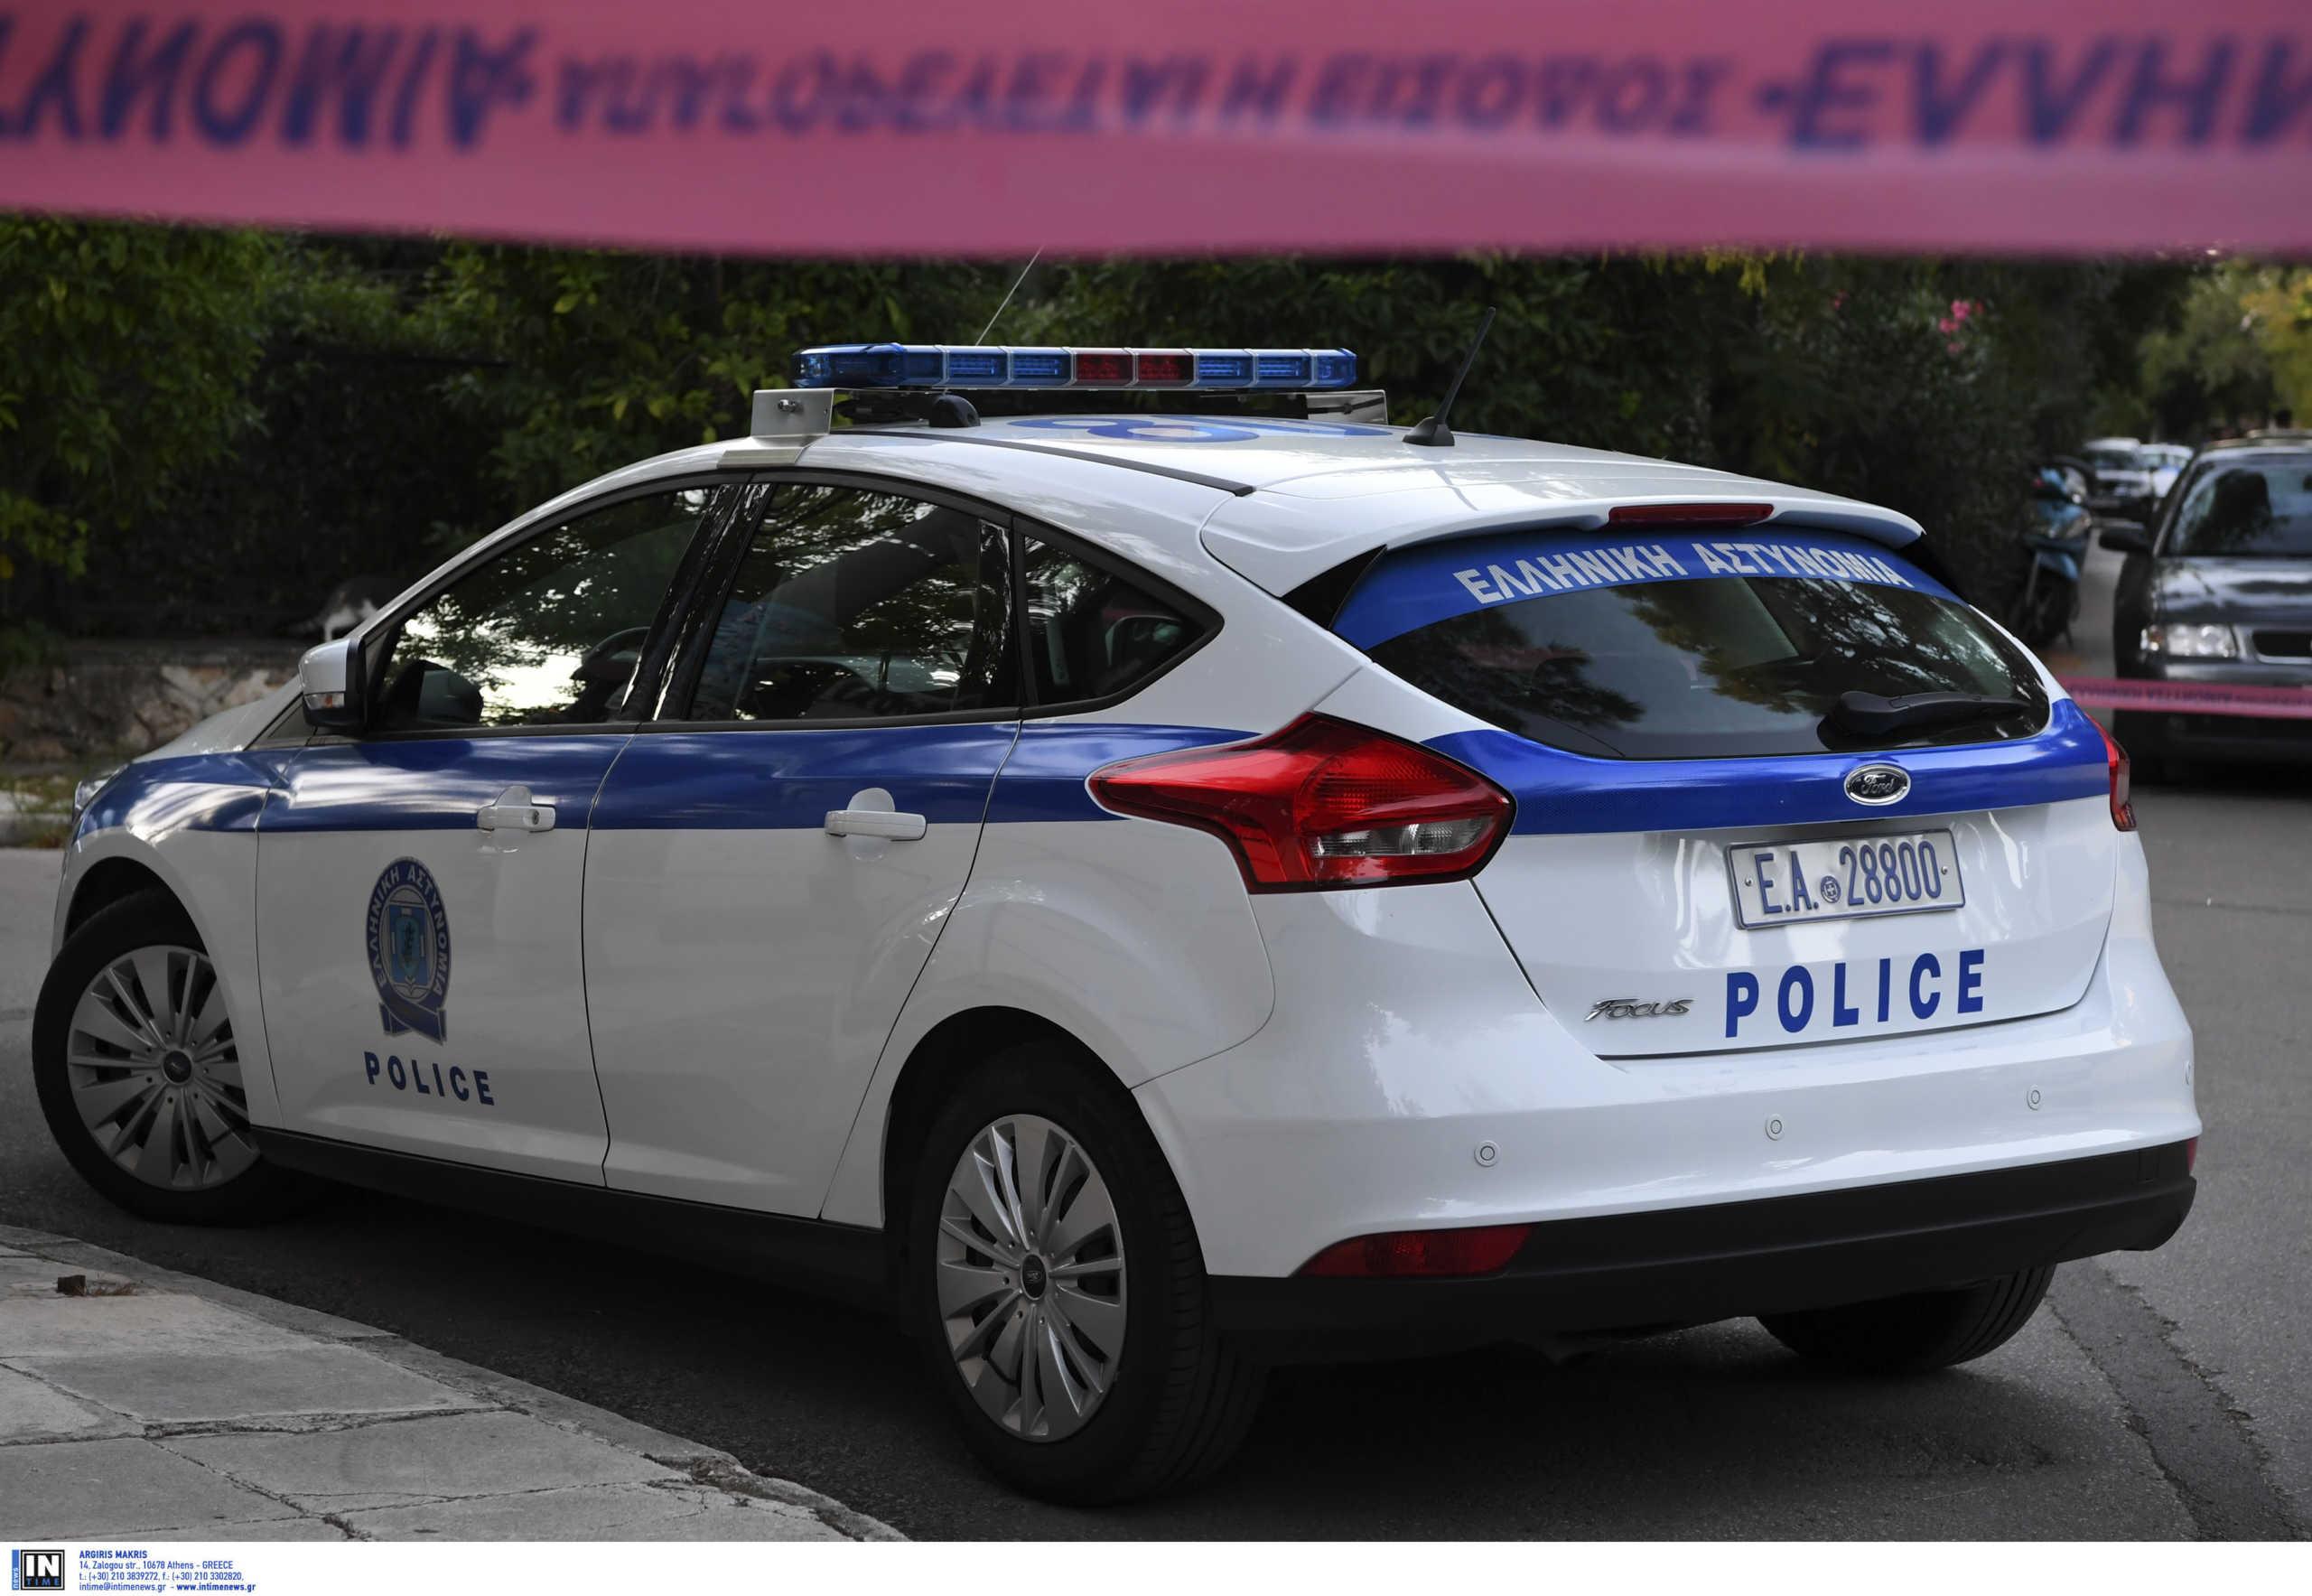 Χαλκίδα: Ασθενής έκλεψε αυτοκίνητο στο νοσοκομείο και σκόρπισε τον τρόμο! Χτύπησε 6 οχήματα